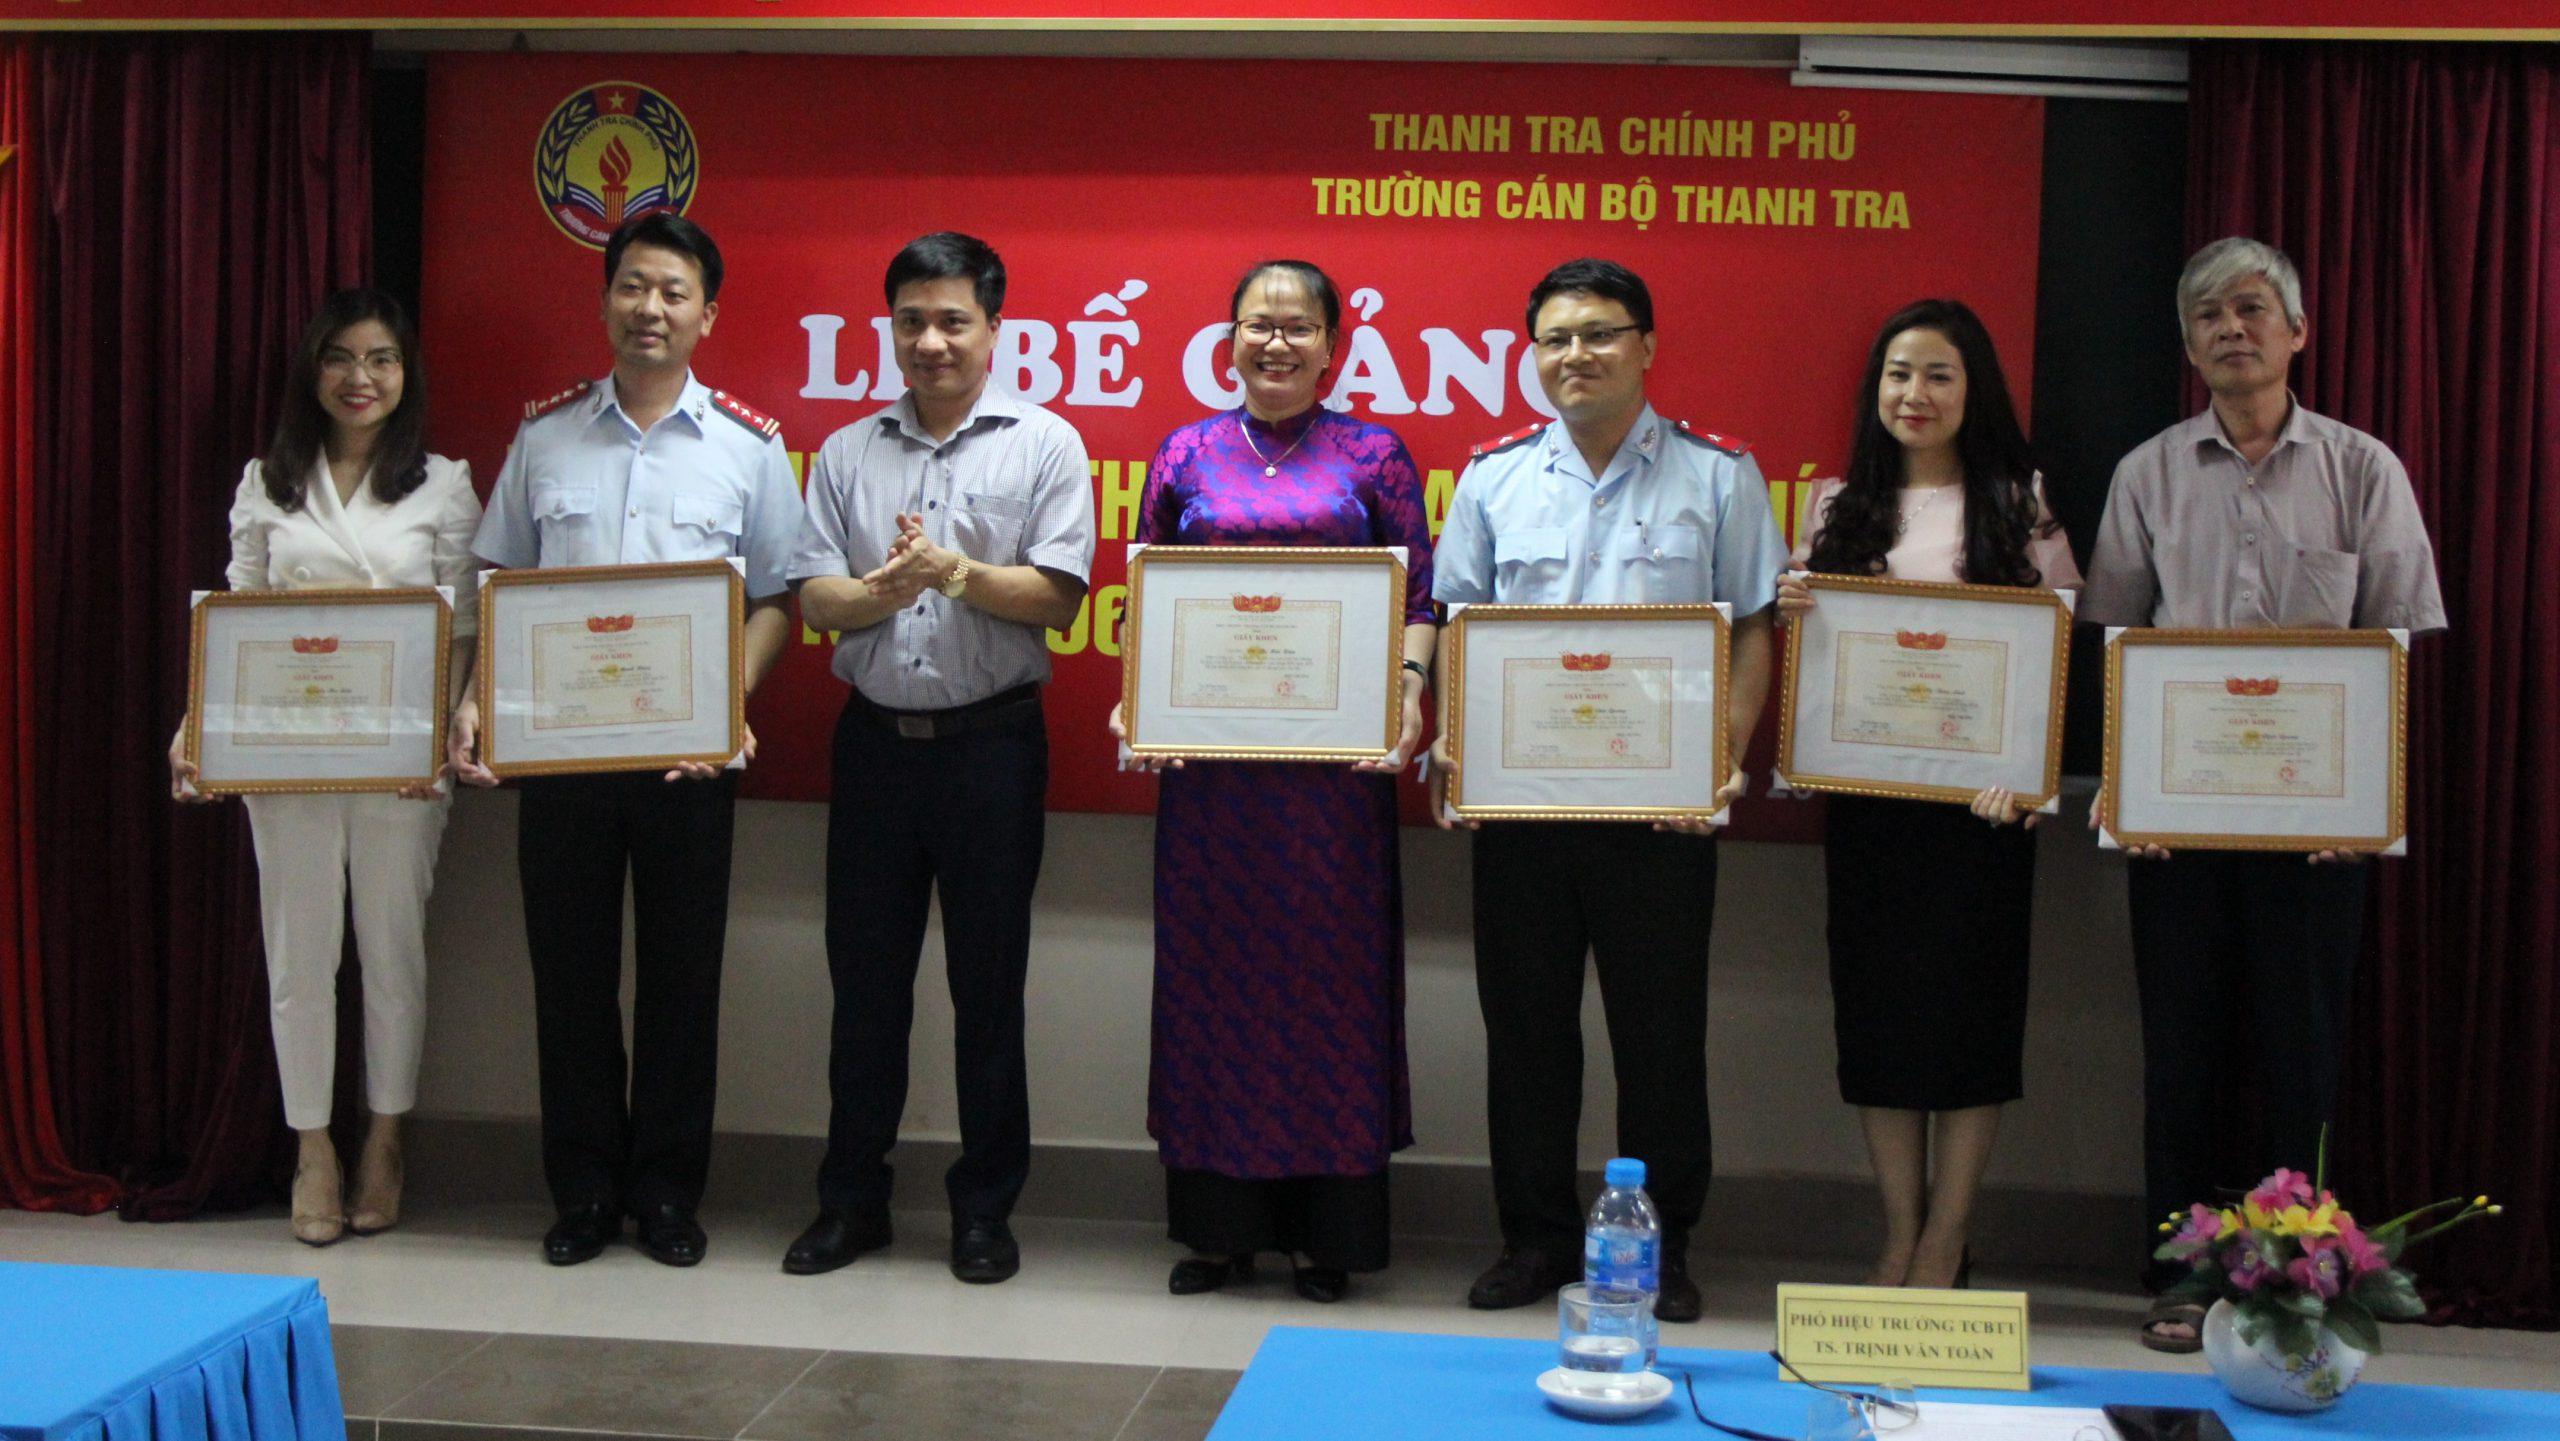 Phó Hiệu Trg Nhà trường trao GK cho HV